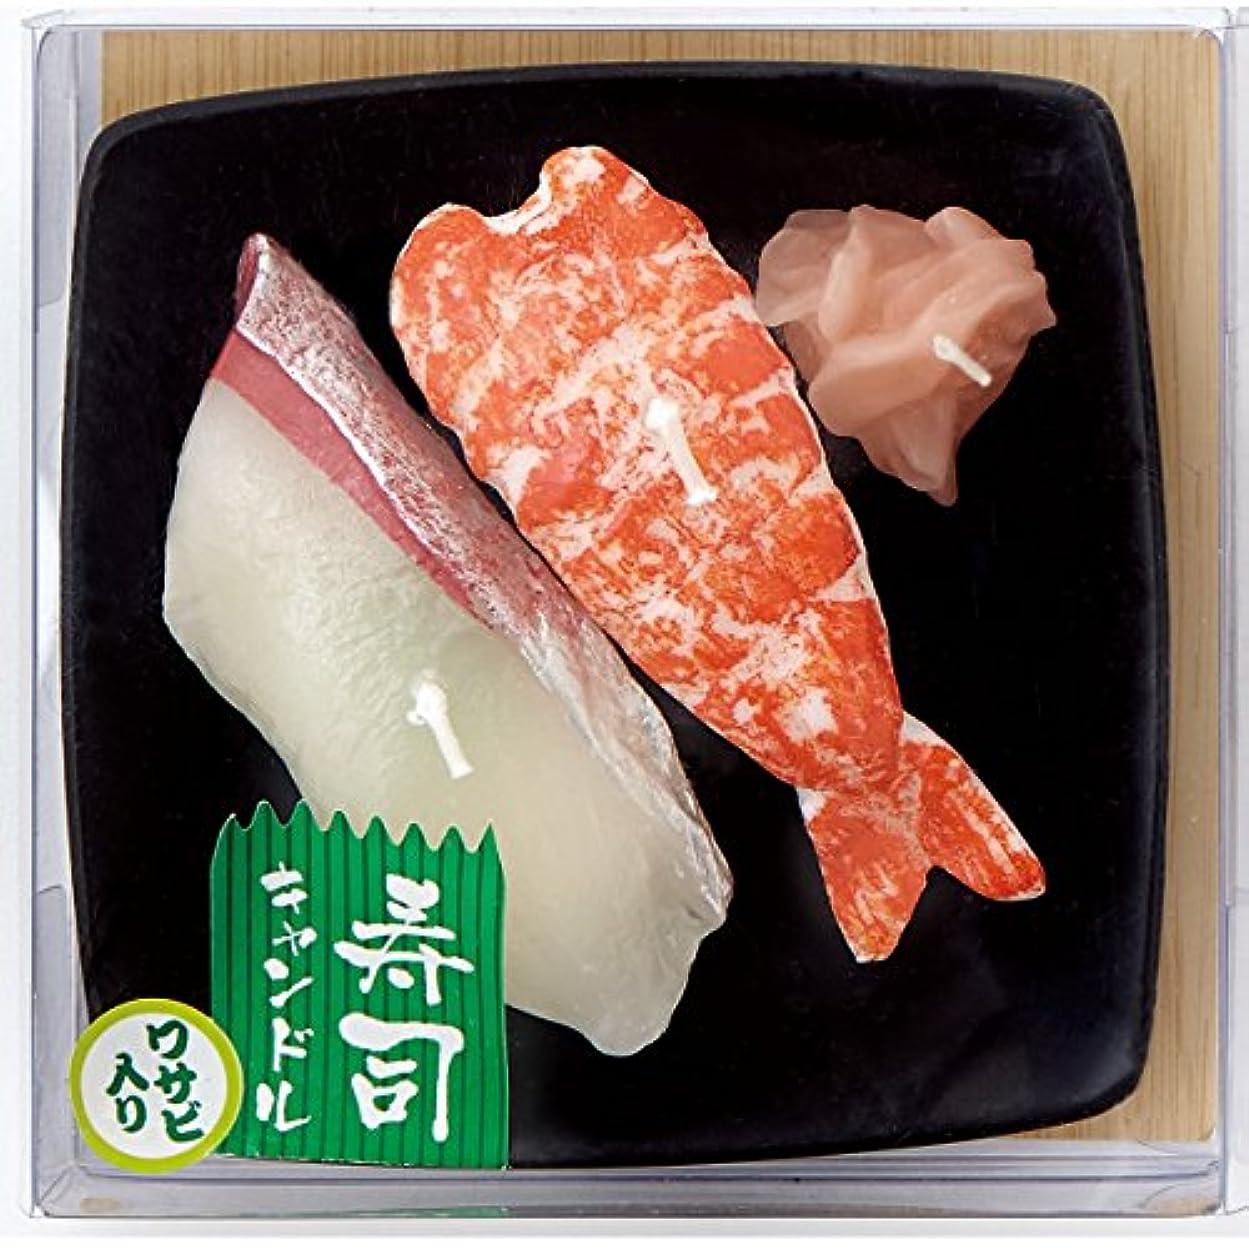 もっと少なくご近所提唱する寿司キャンドル B(エビ?ハマチ) サビ入